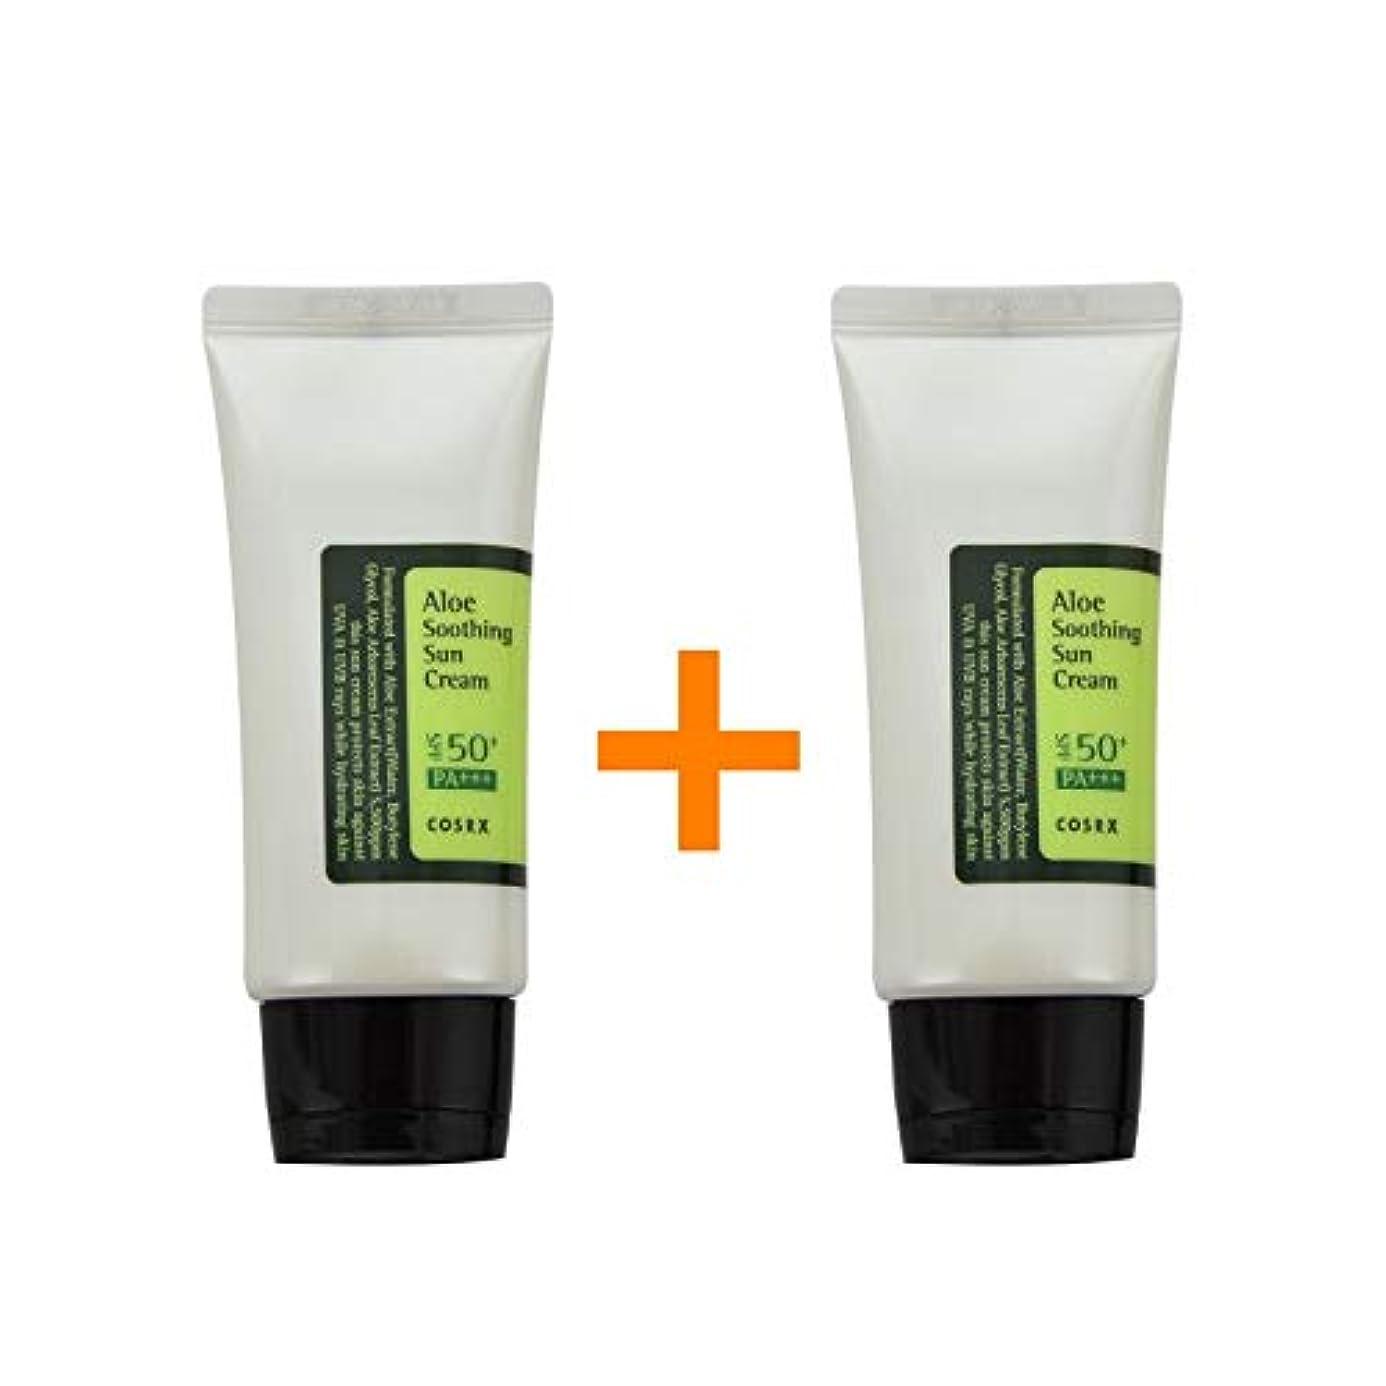 ビーズどうやら毎月[ 1 + 1 ] COSRX コースアールエックス アロエ スージング サンクリーム Aloe Soothing sun cream (50ml) SPF50+/PA+++ 韓国日焼け止め